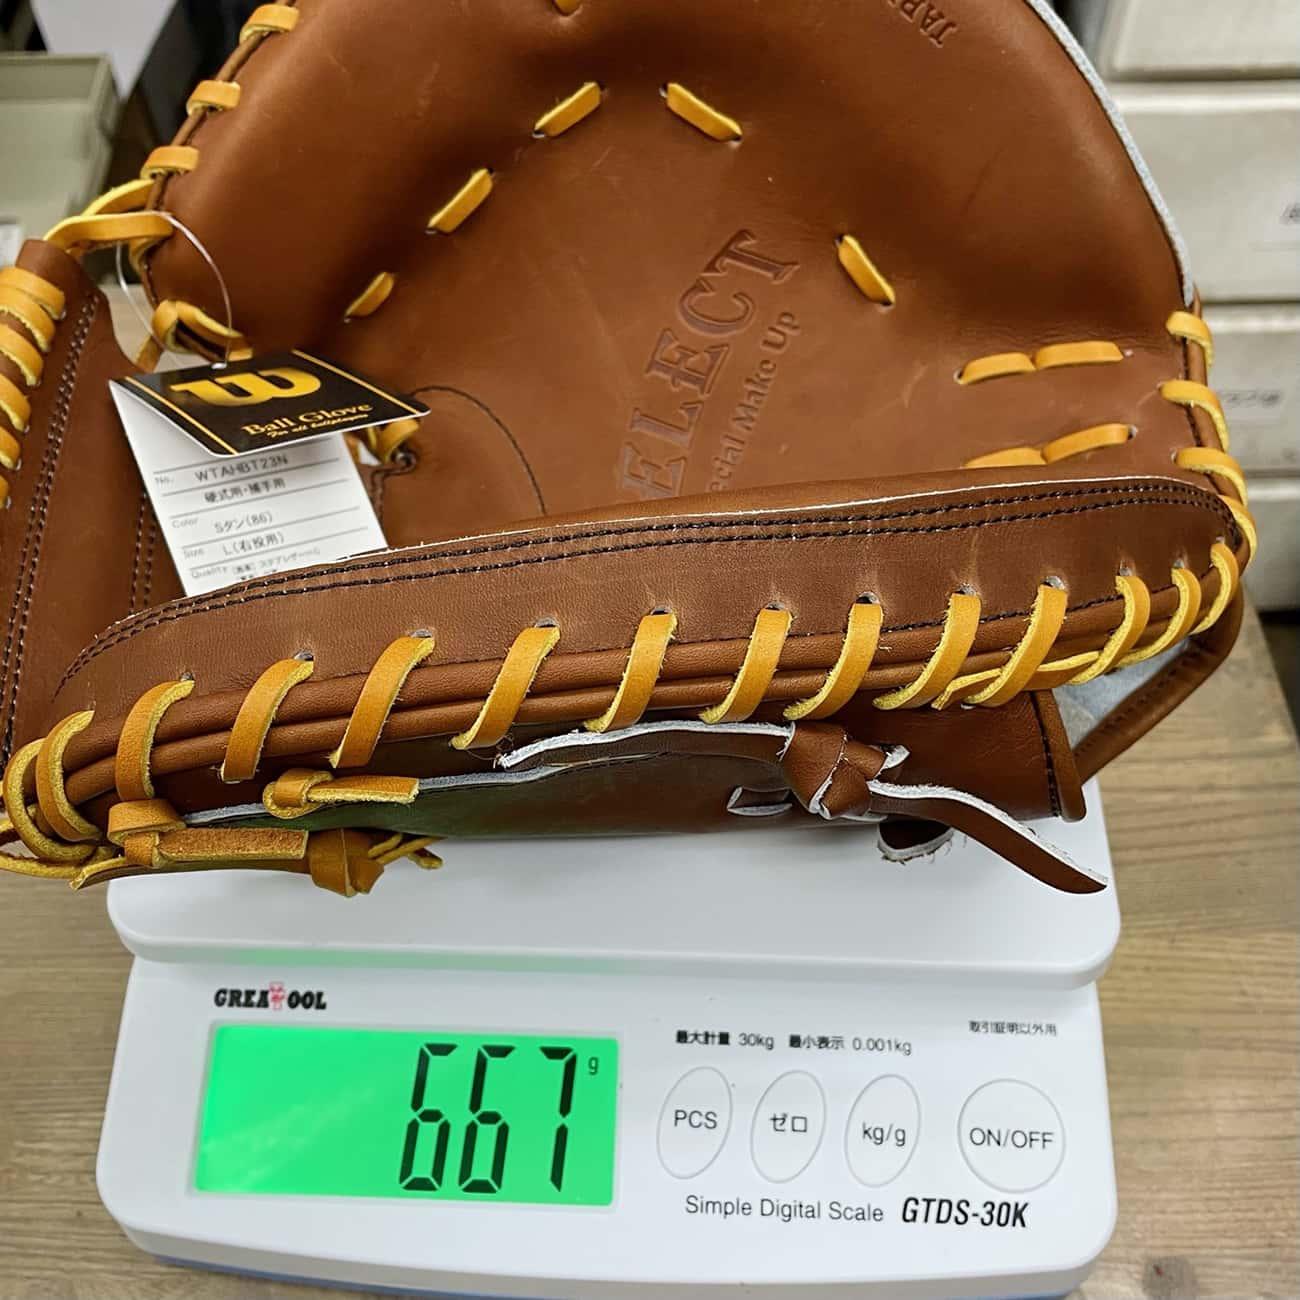 【ウイルソン】硬式野球用キャッチャーミット:WTAHBT23N(SELECTシリーズ・日本製)重さ